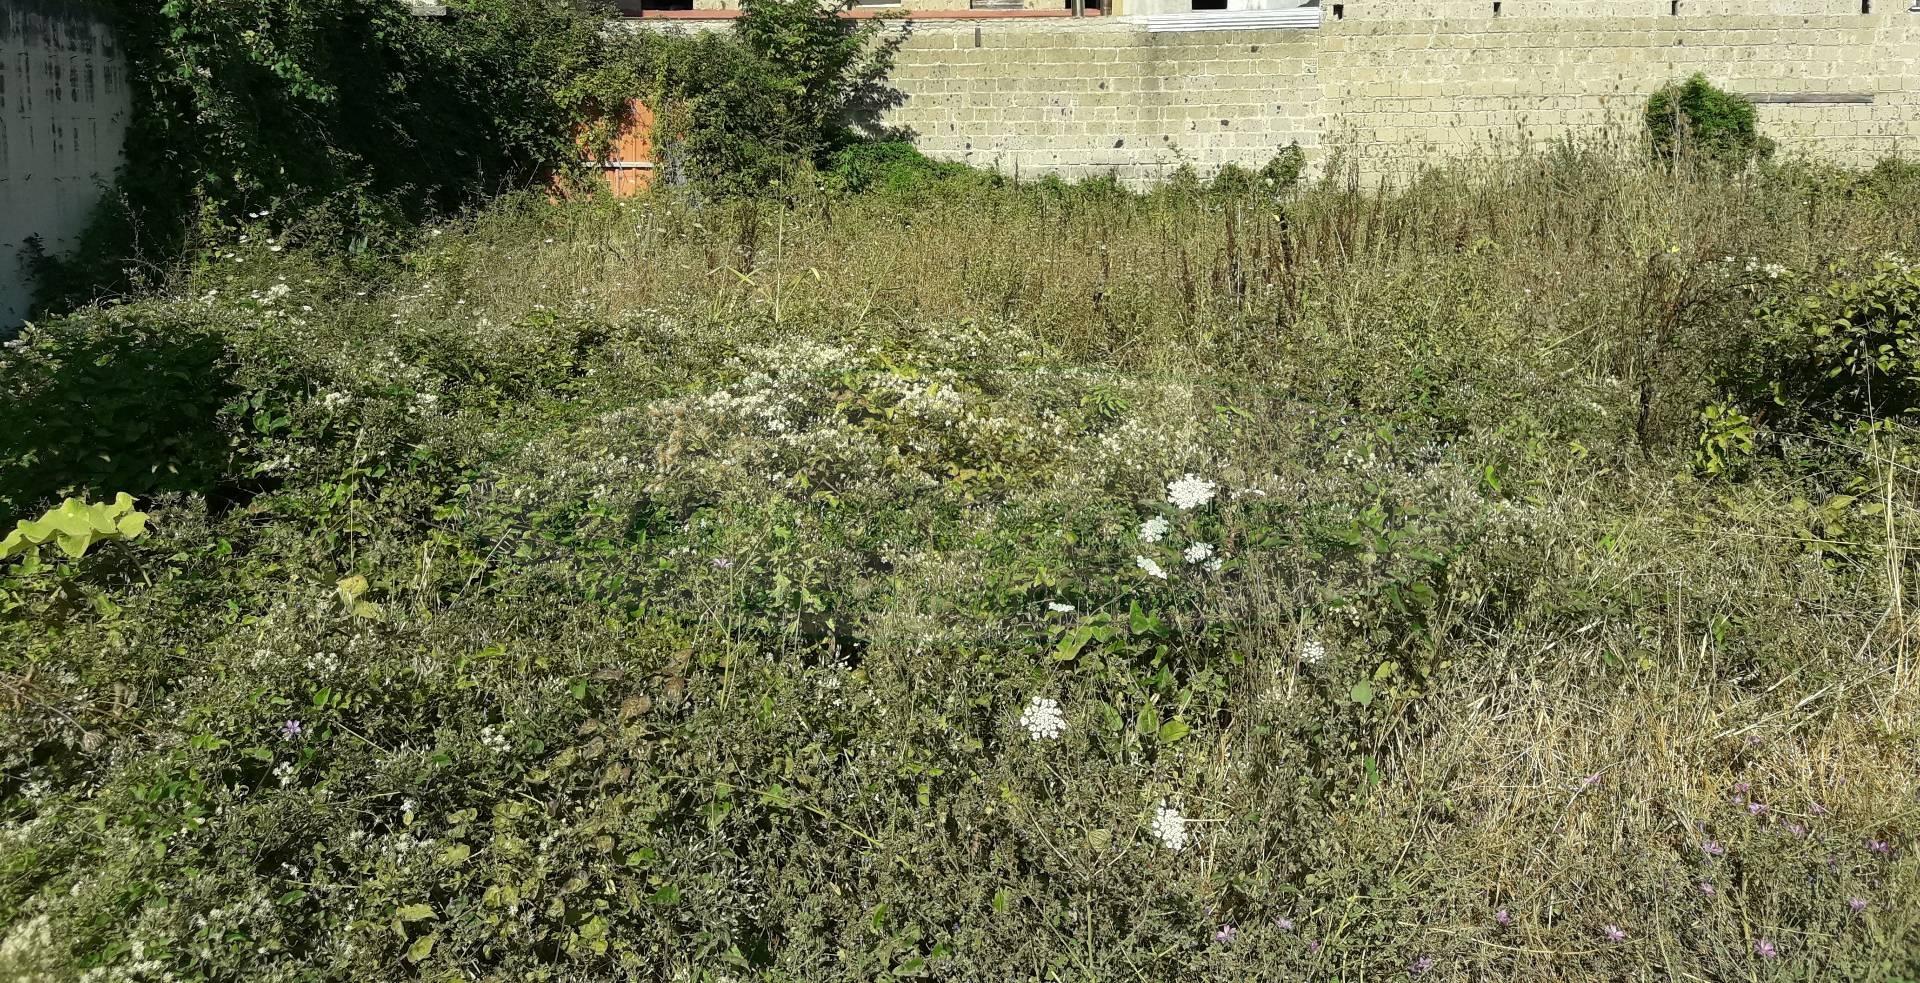 Terreno Edificabile Residenziale in vendita a Portico di Caserta, 9999 locali, prezzo € 135.000 | CambioCasa.it